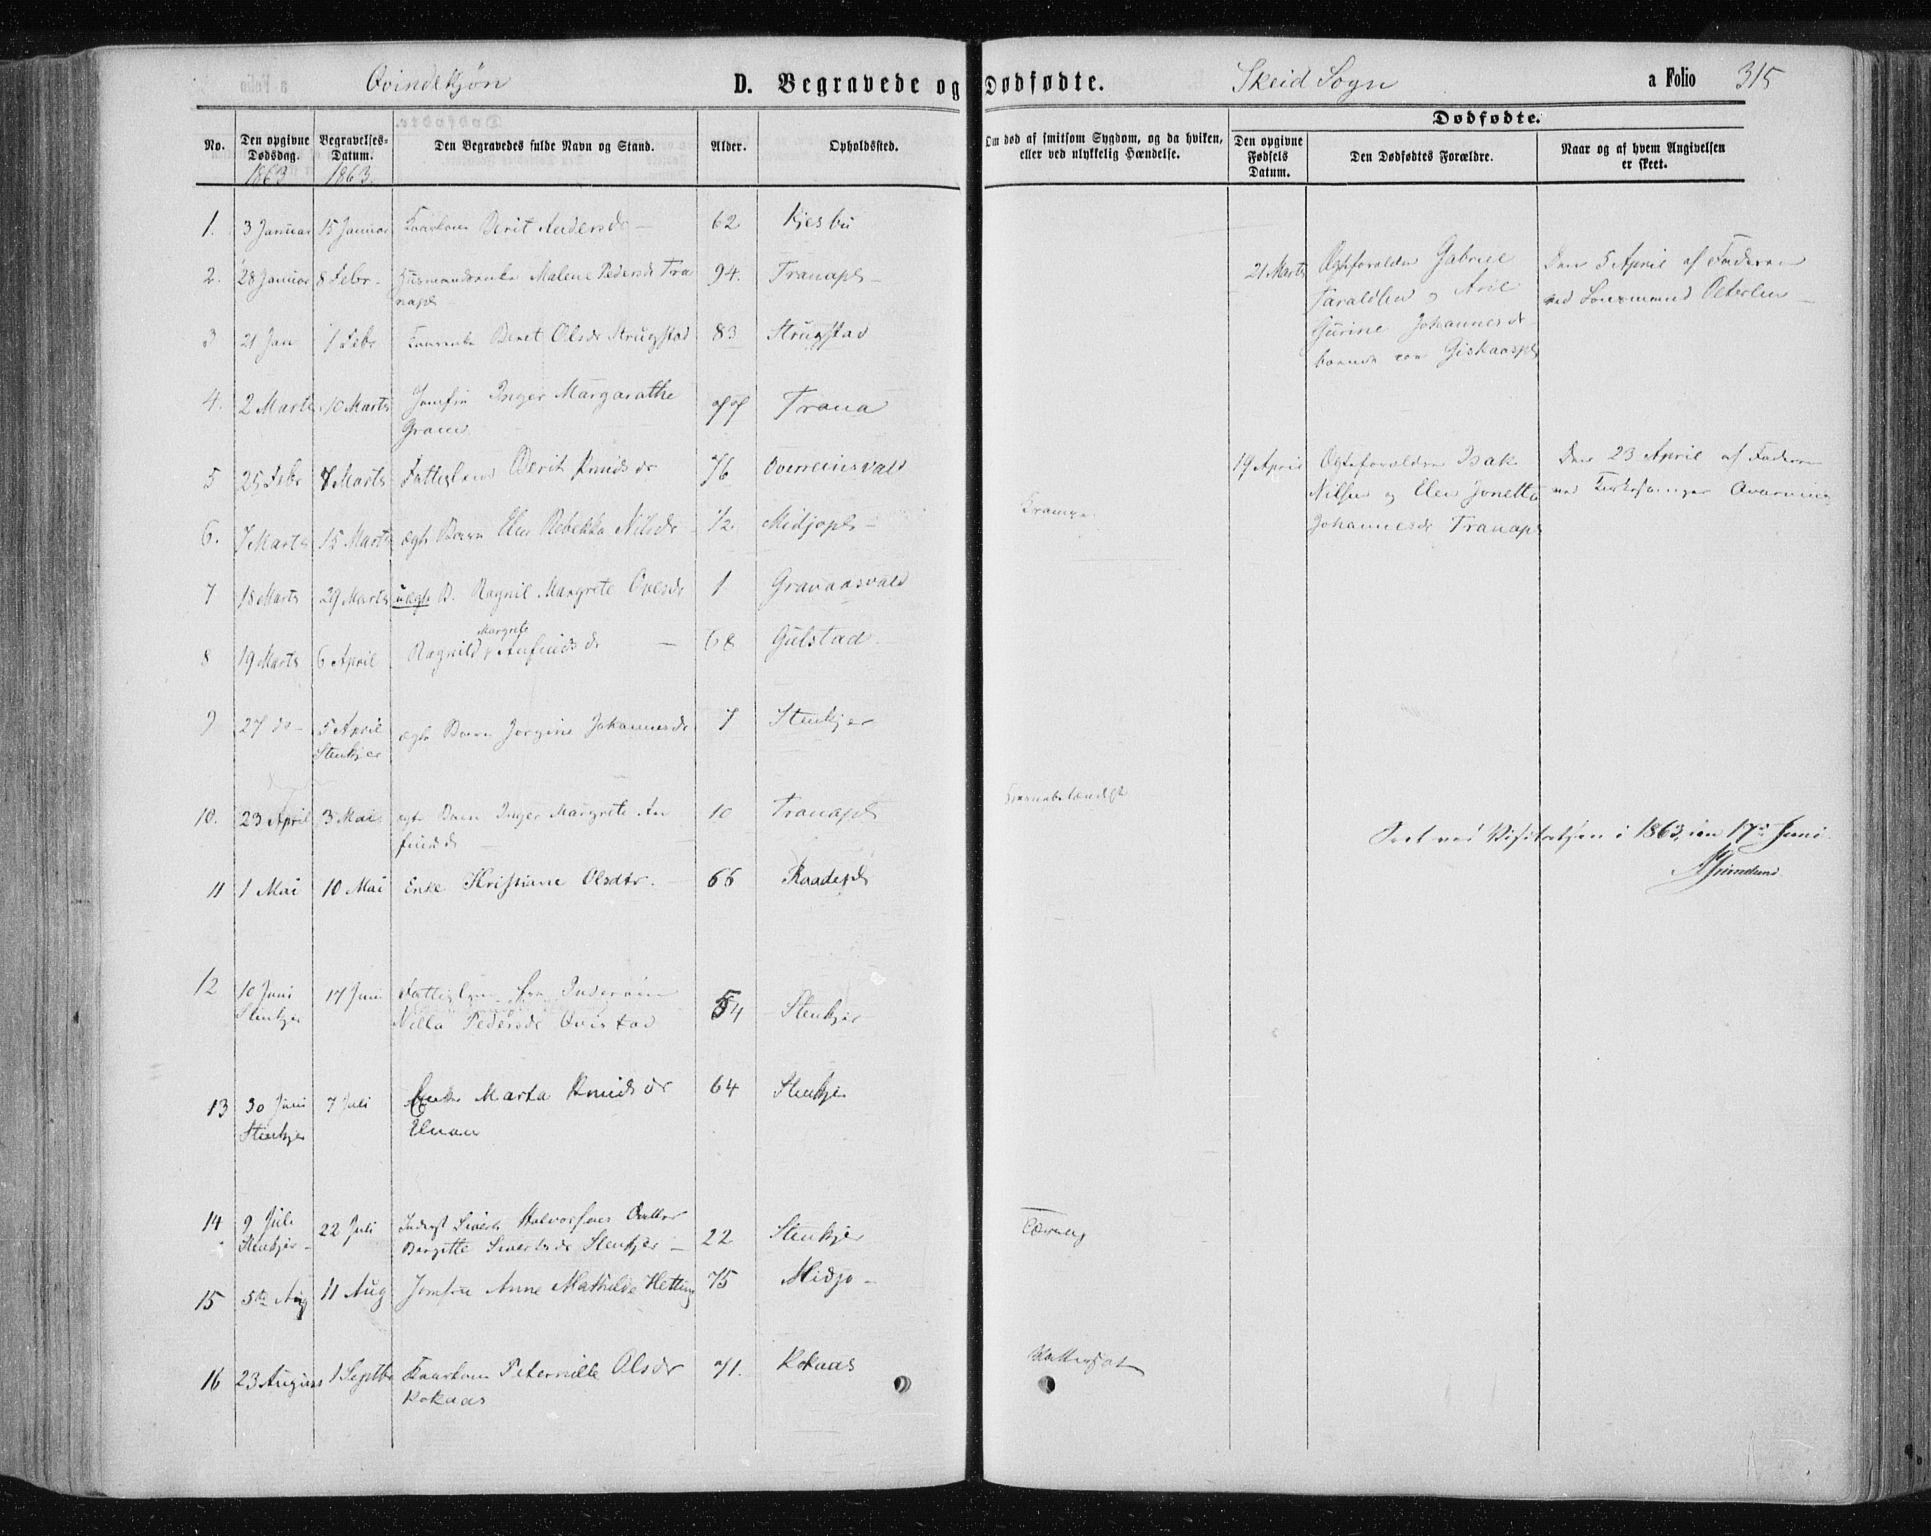 SAT, Ministerialprotokoller, klokkerbøker og fødselsregistre - Nord-Trøndelag, 735/L0345: Ministerialbok nr. 735A08 /2, 1863-1872, s. 315